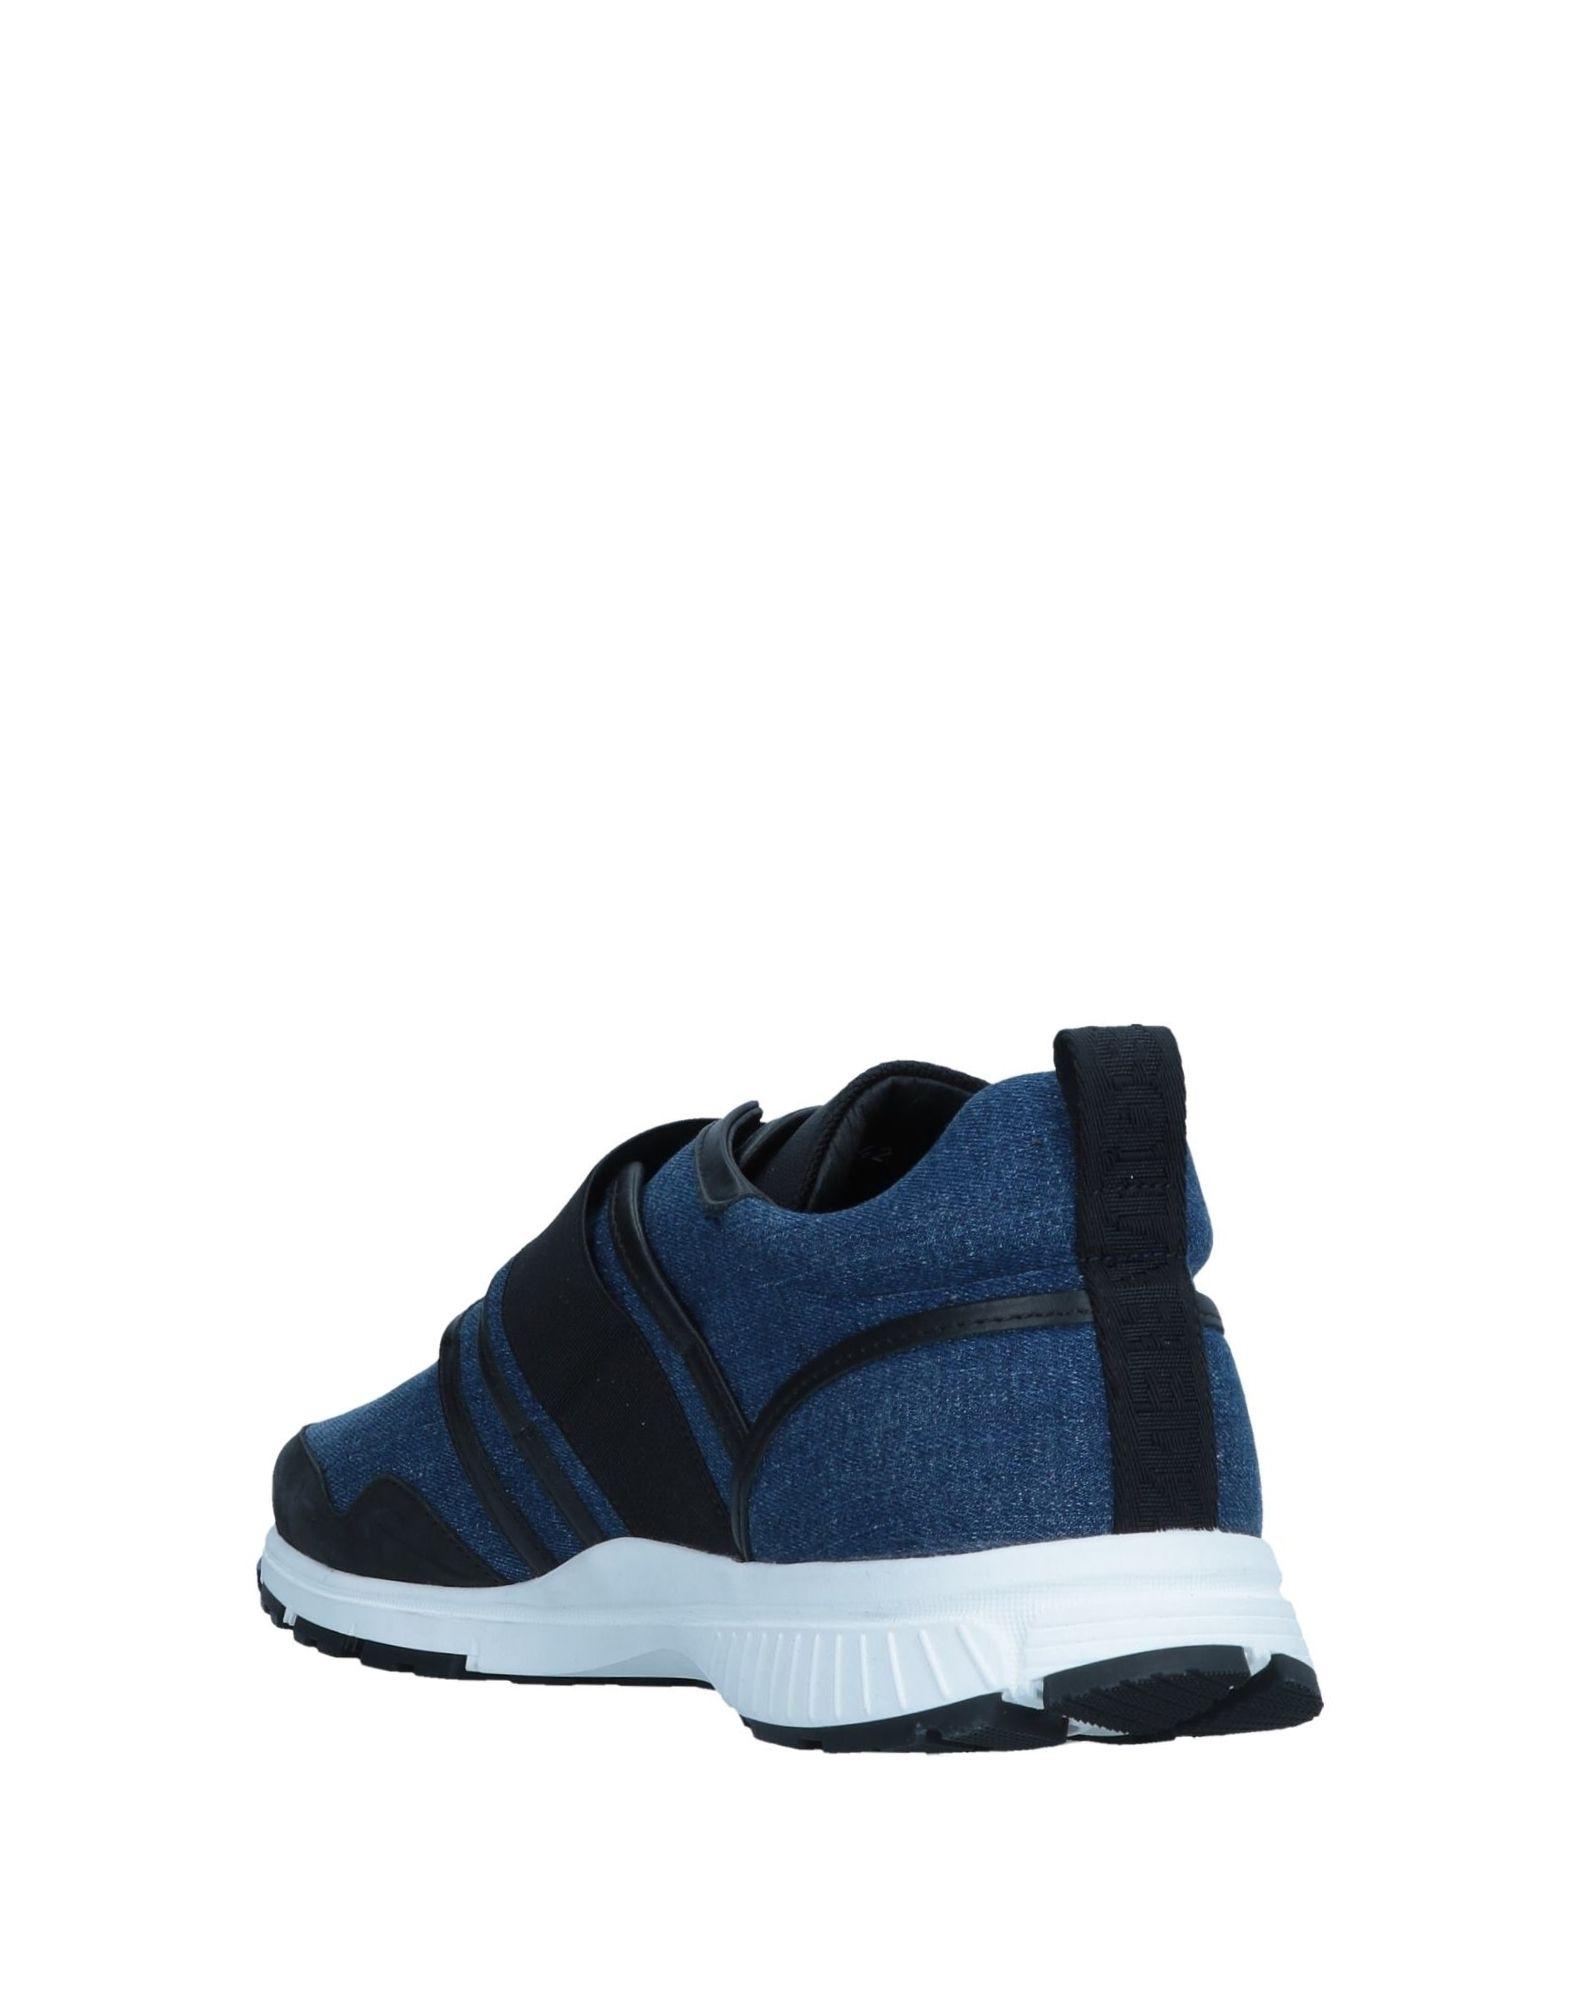 Dsquared2 Sneakers Herren  11550886VX Schuhe Gute Qualität beliebte Schuhe 11550886VX 7f7c4a